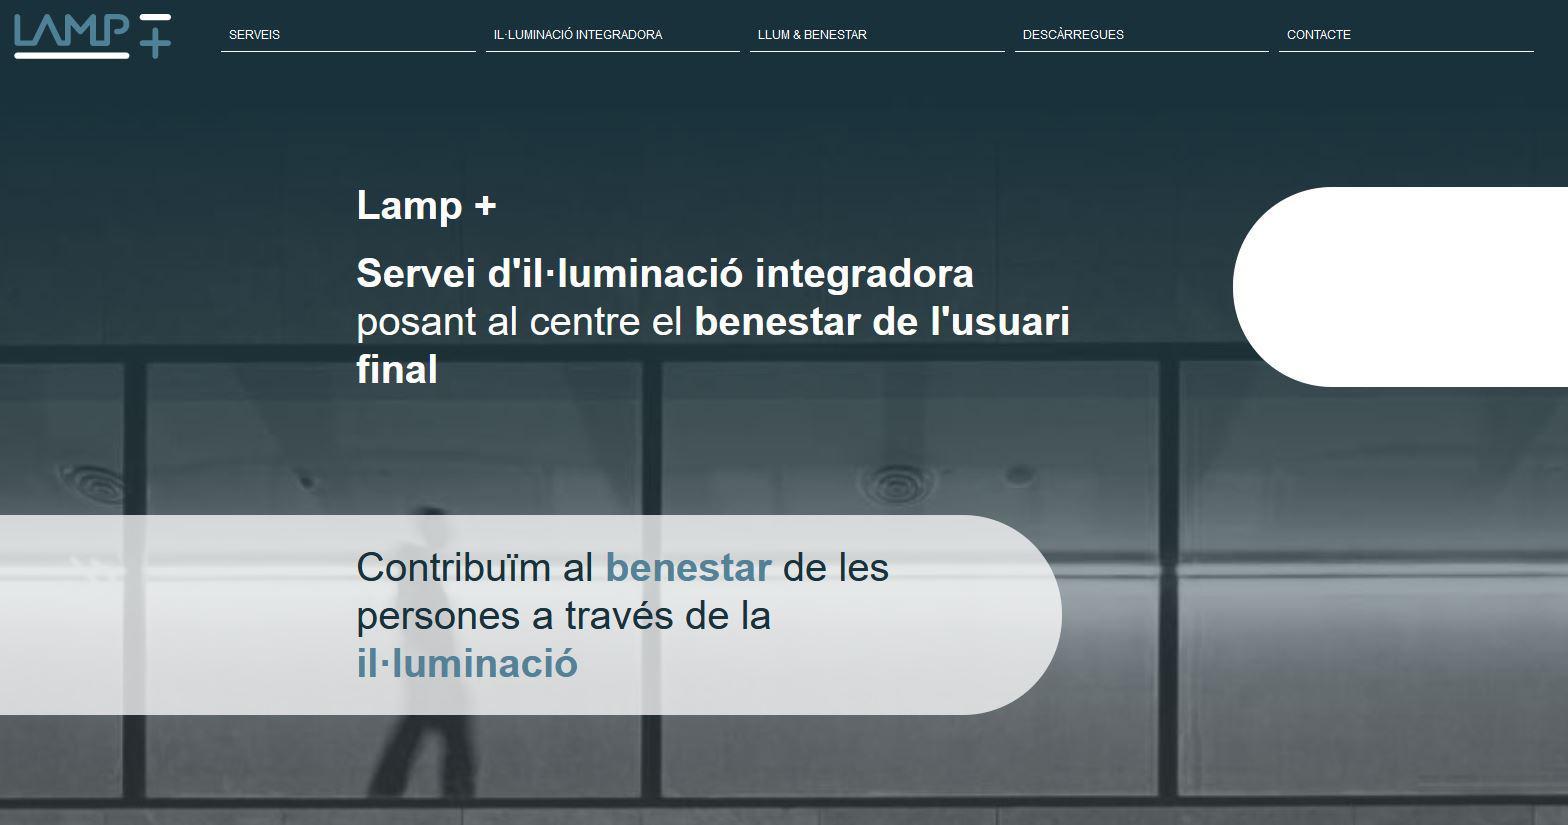 Lamp + CA ok